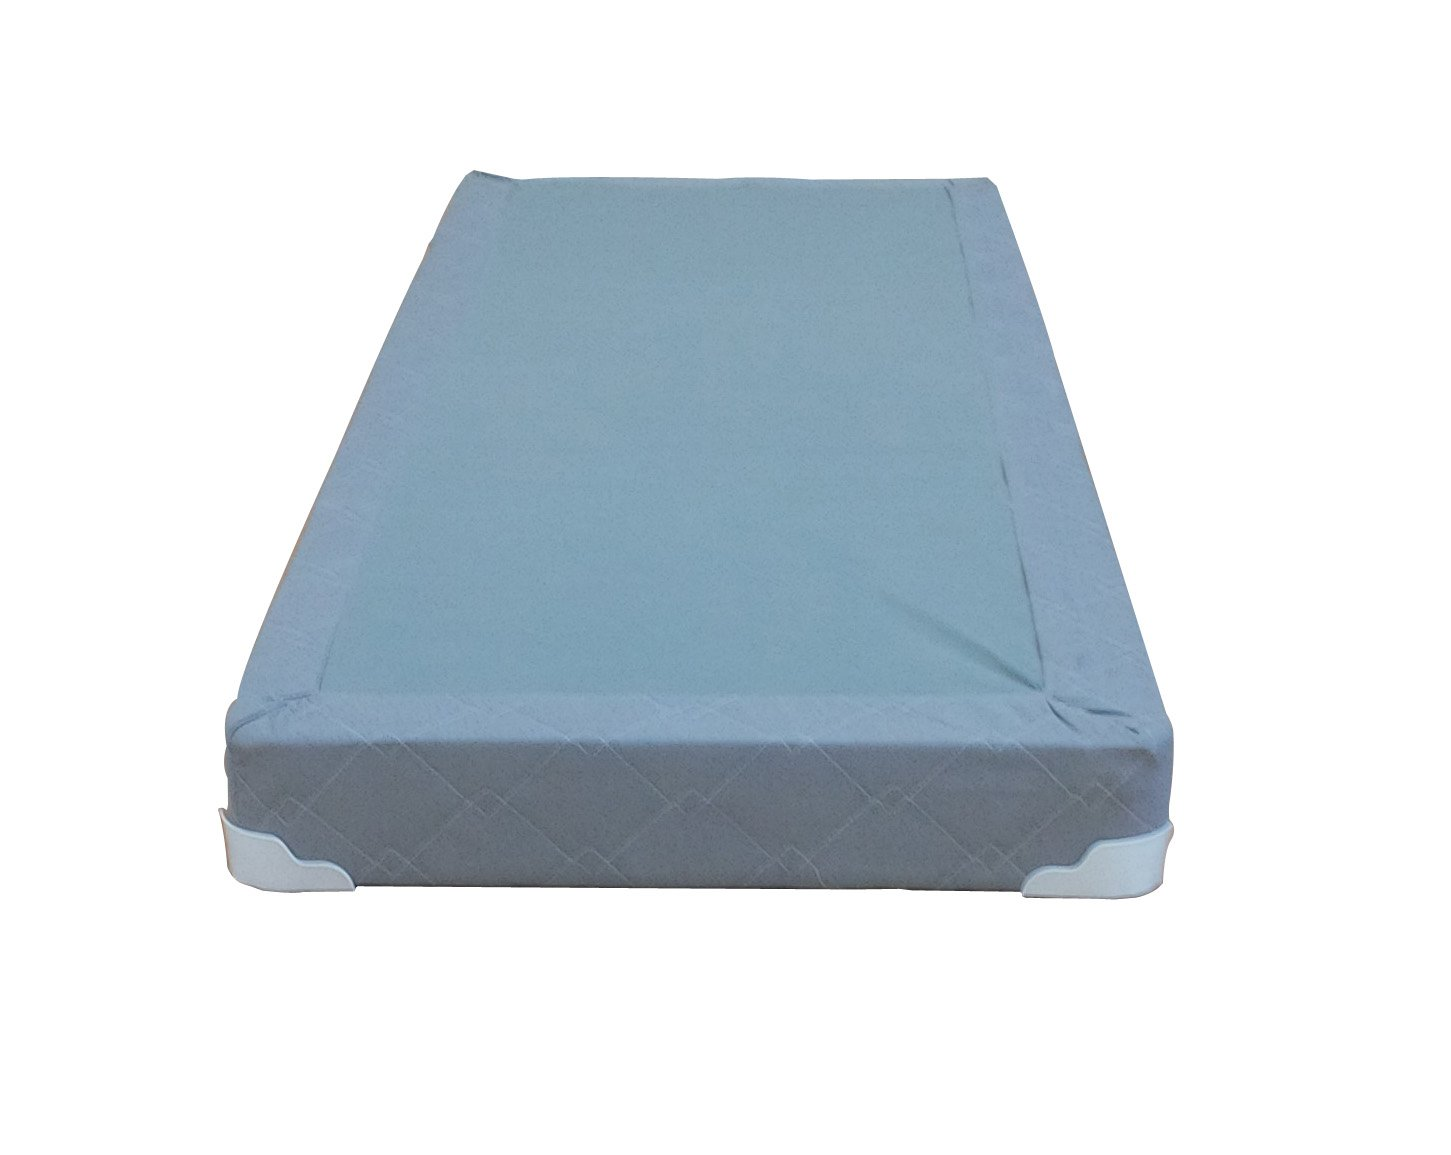 Continental Sleep Memory Foam Gel 5-Inch Split Box Spring Fabric Stretch Knit, Full, Grey by Comfort Bedding